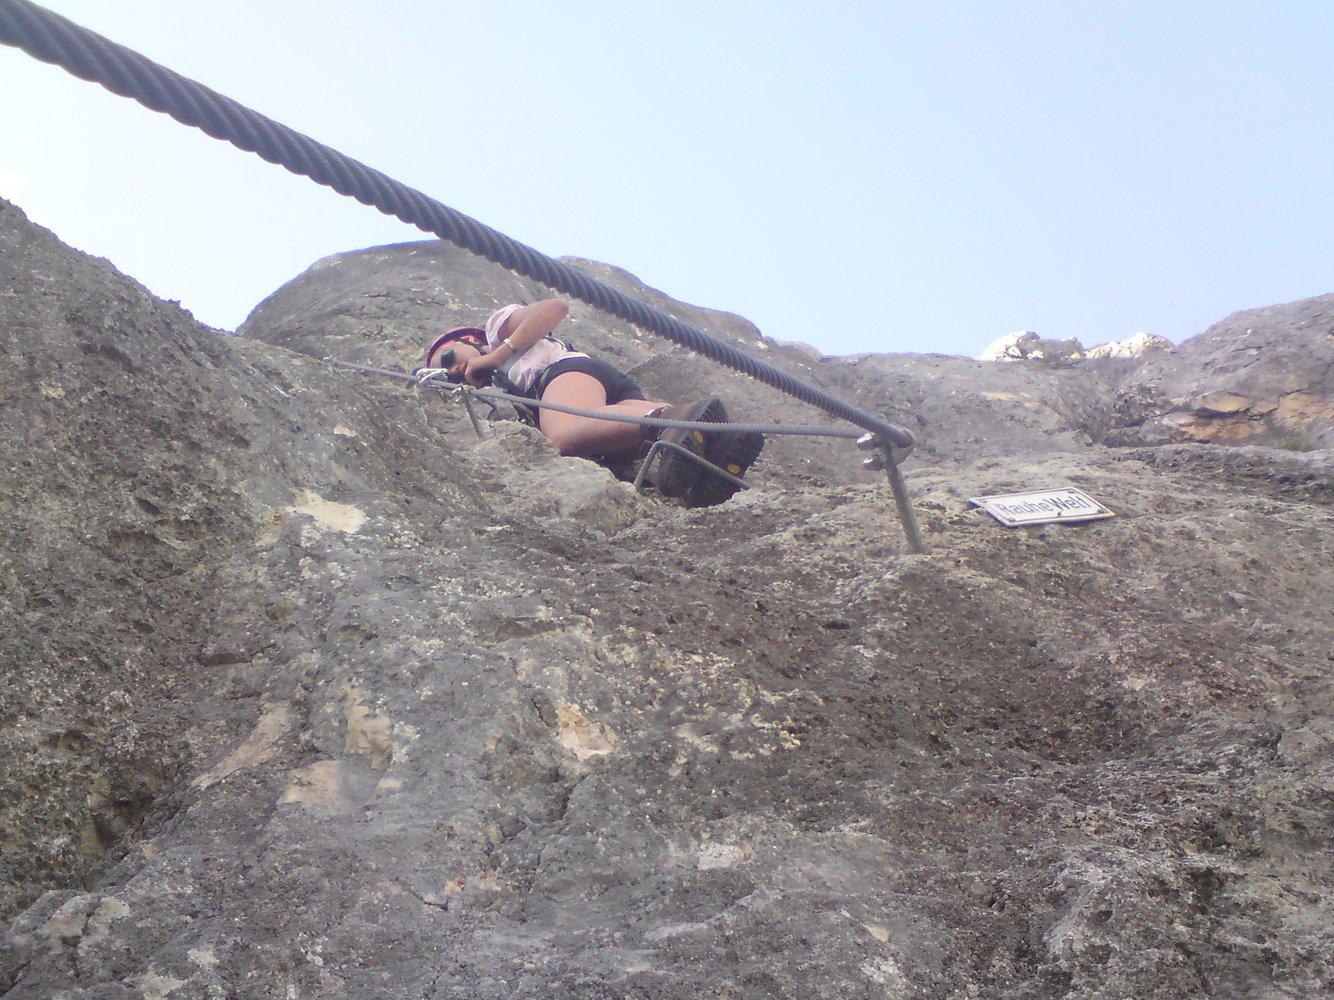 Klettersteig Hochthron : Berchtesgadener hochthronsteig hochthron klettersteig